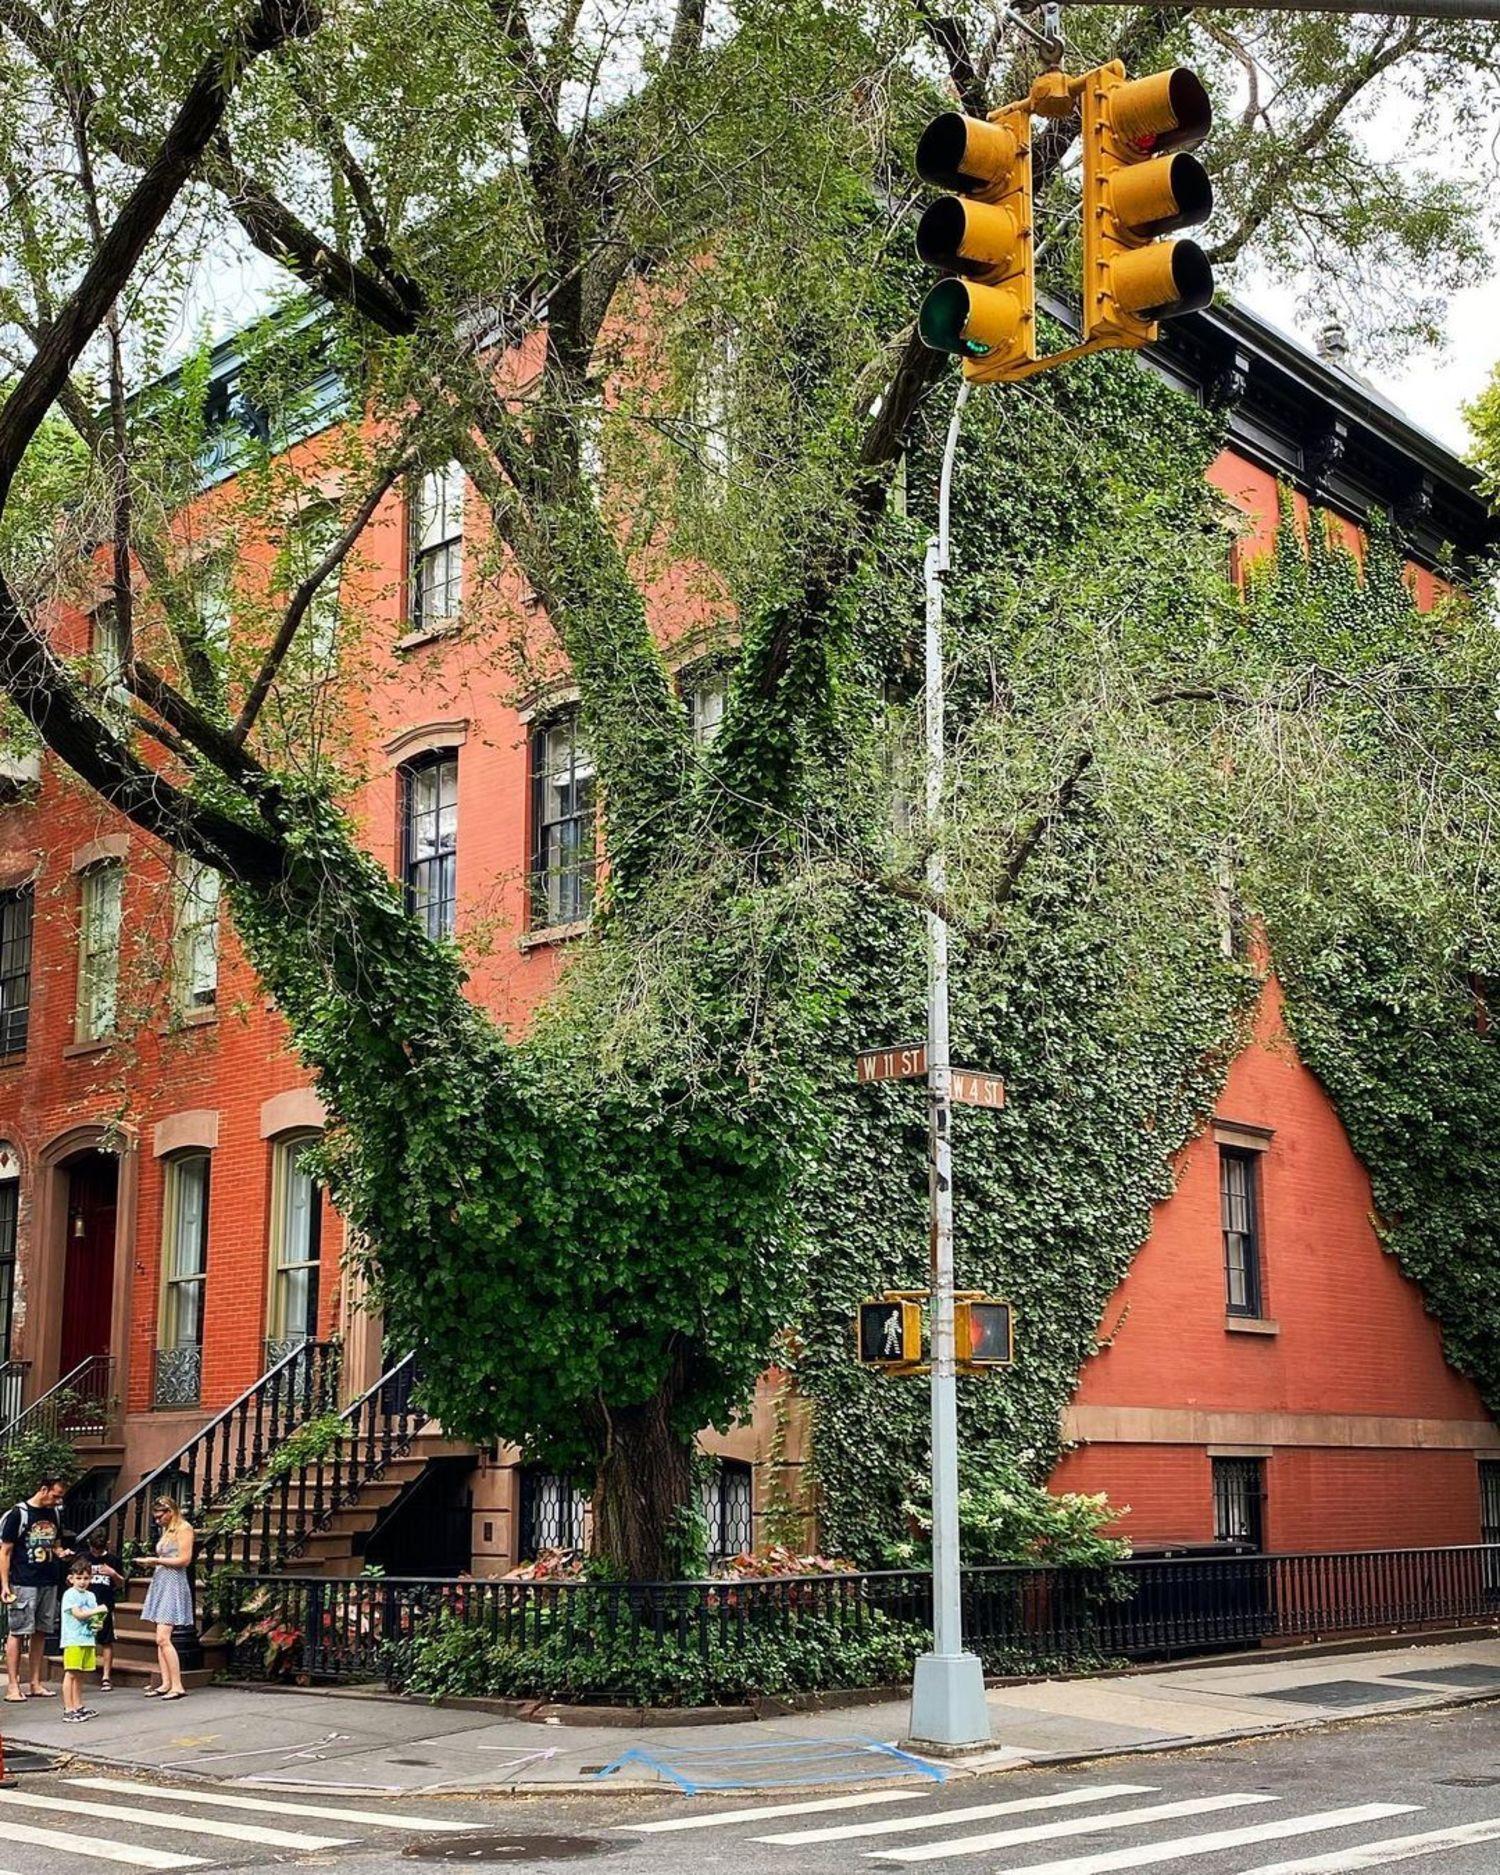 West 11th Street and West 4th Street, West Village, Manhattan